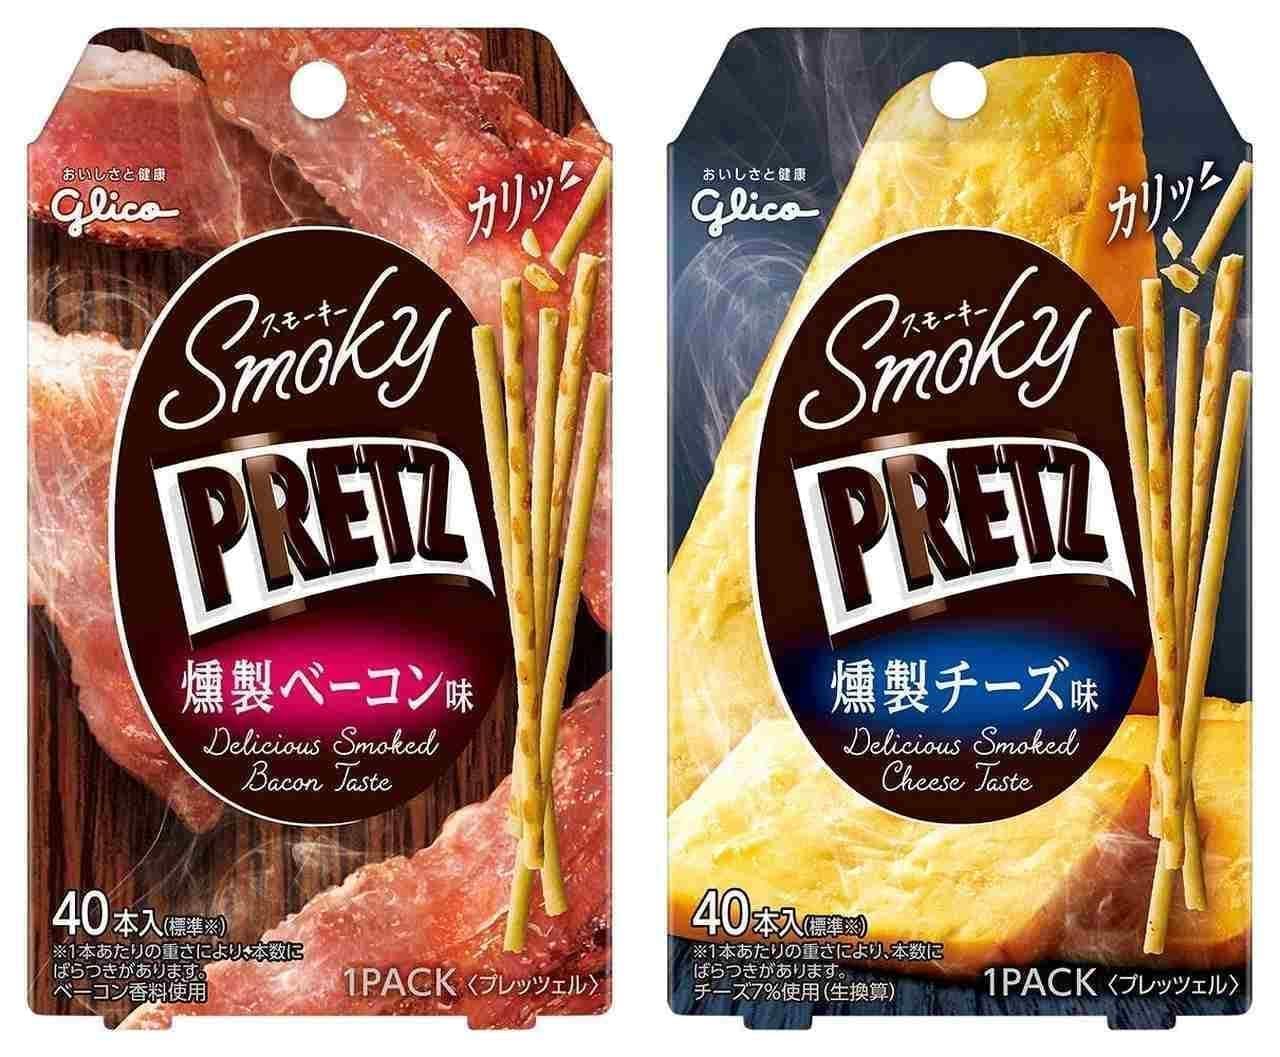 スモーキープリッツ「燻製ベーコン味」と「燻製チーズ味」